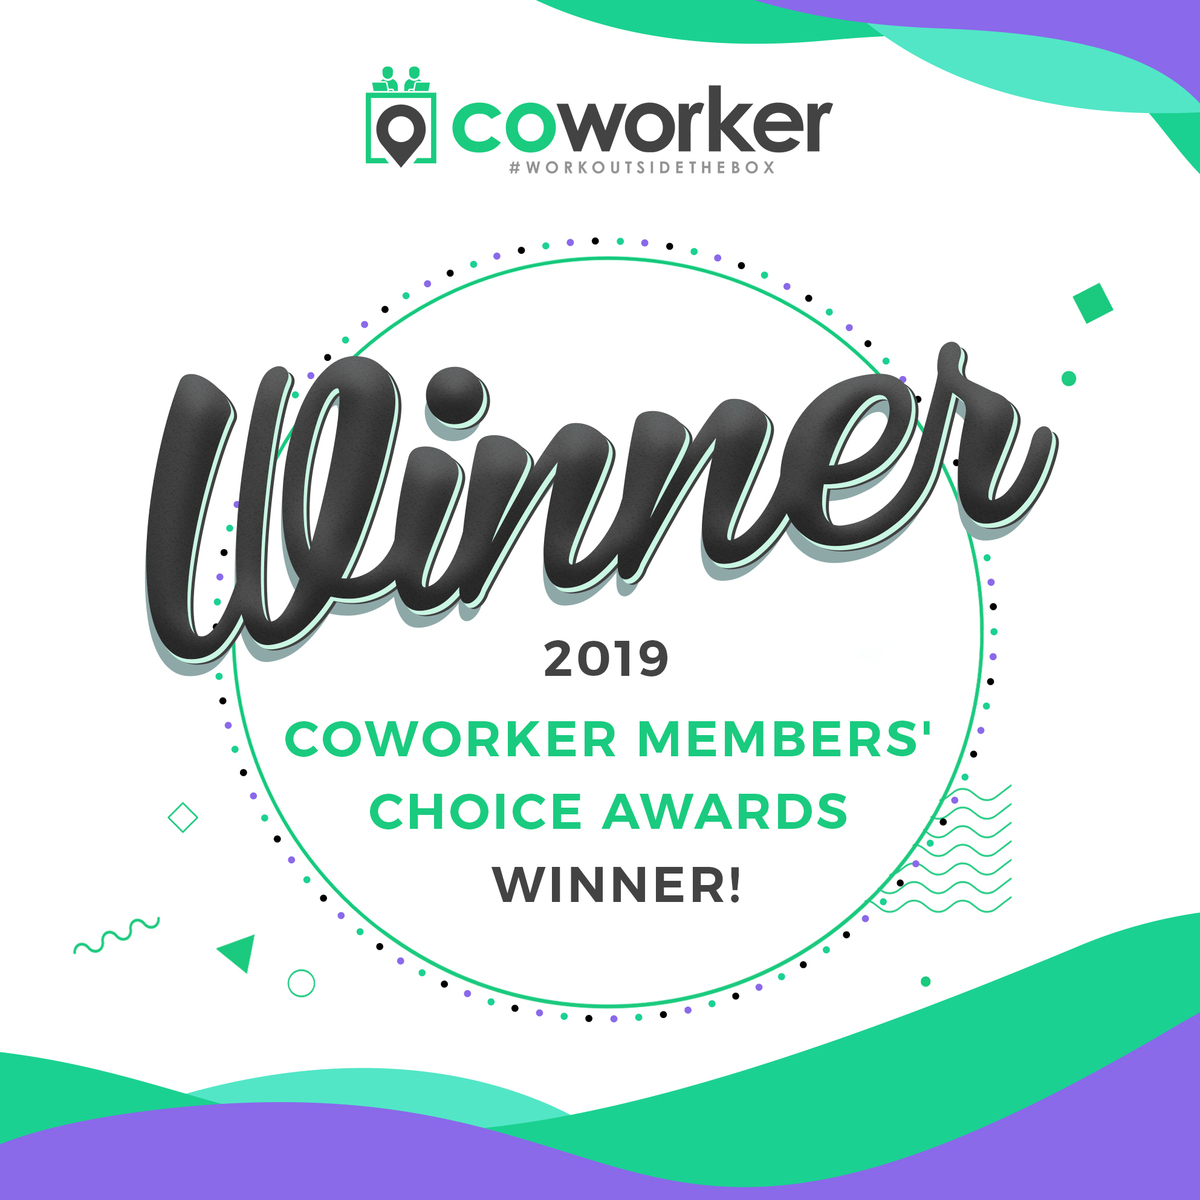 coworker_winner.jpg